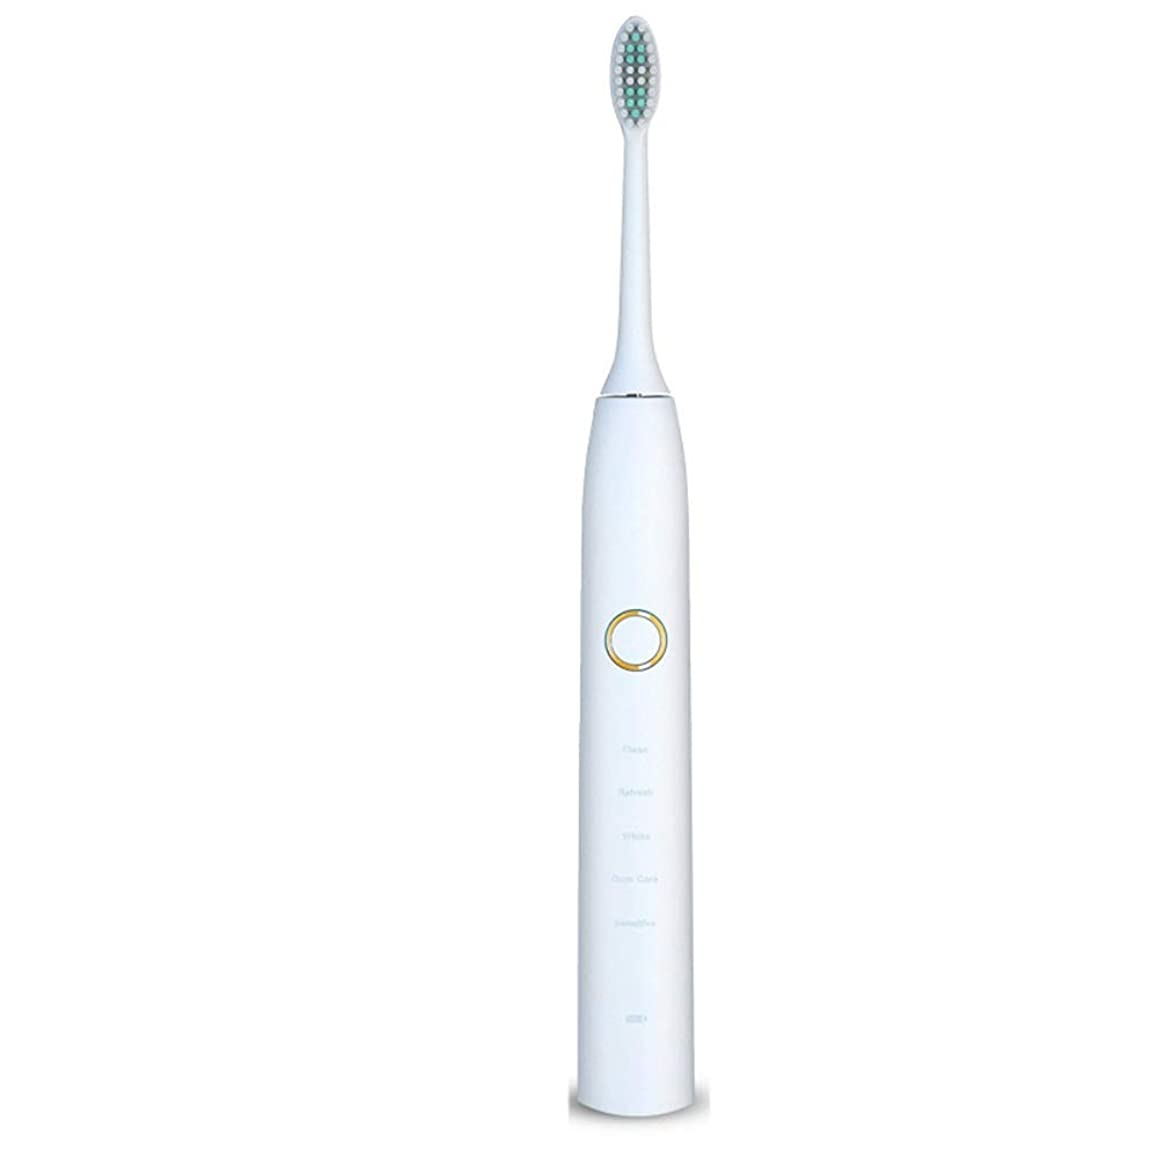 許容放射能制限家庭用電動歯ブラシ 電動歯ブラシUSB充電式ソフトヘア保護クリーンホワイトニング歯ブラシ 男性用女性子供大人 (色 : 白, サイズ : Free size)